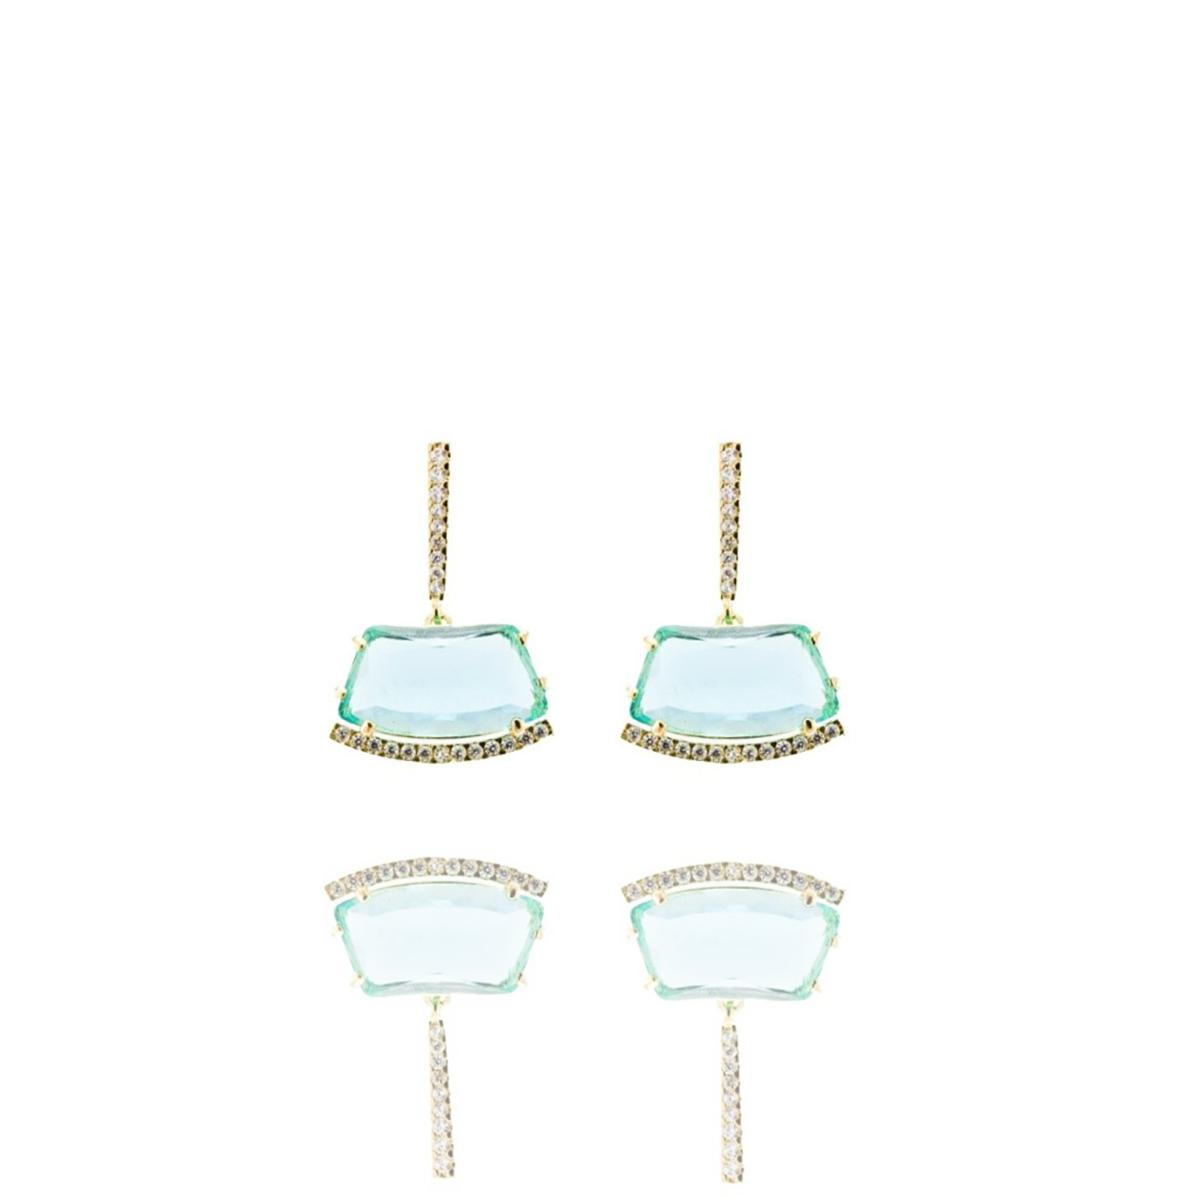 Brinco Barbara Strauss Skirt Cristal Azul Acqua, Revestido Em Ouro 18K